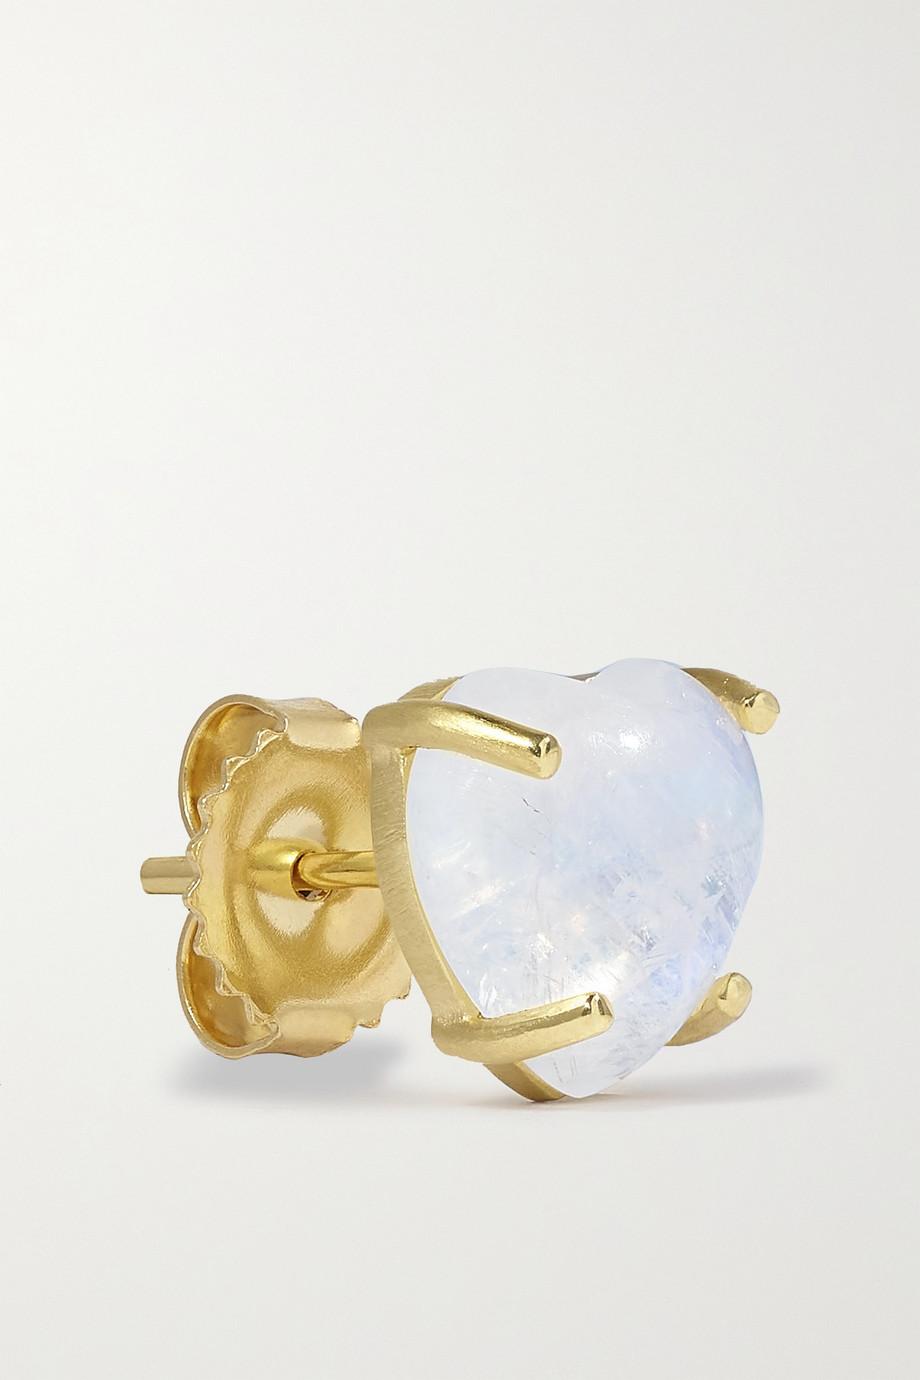 Irene Neuwirth Boucles d'oreilles en or 18 carats (750/1000) et pierres de lune Love